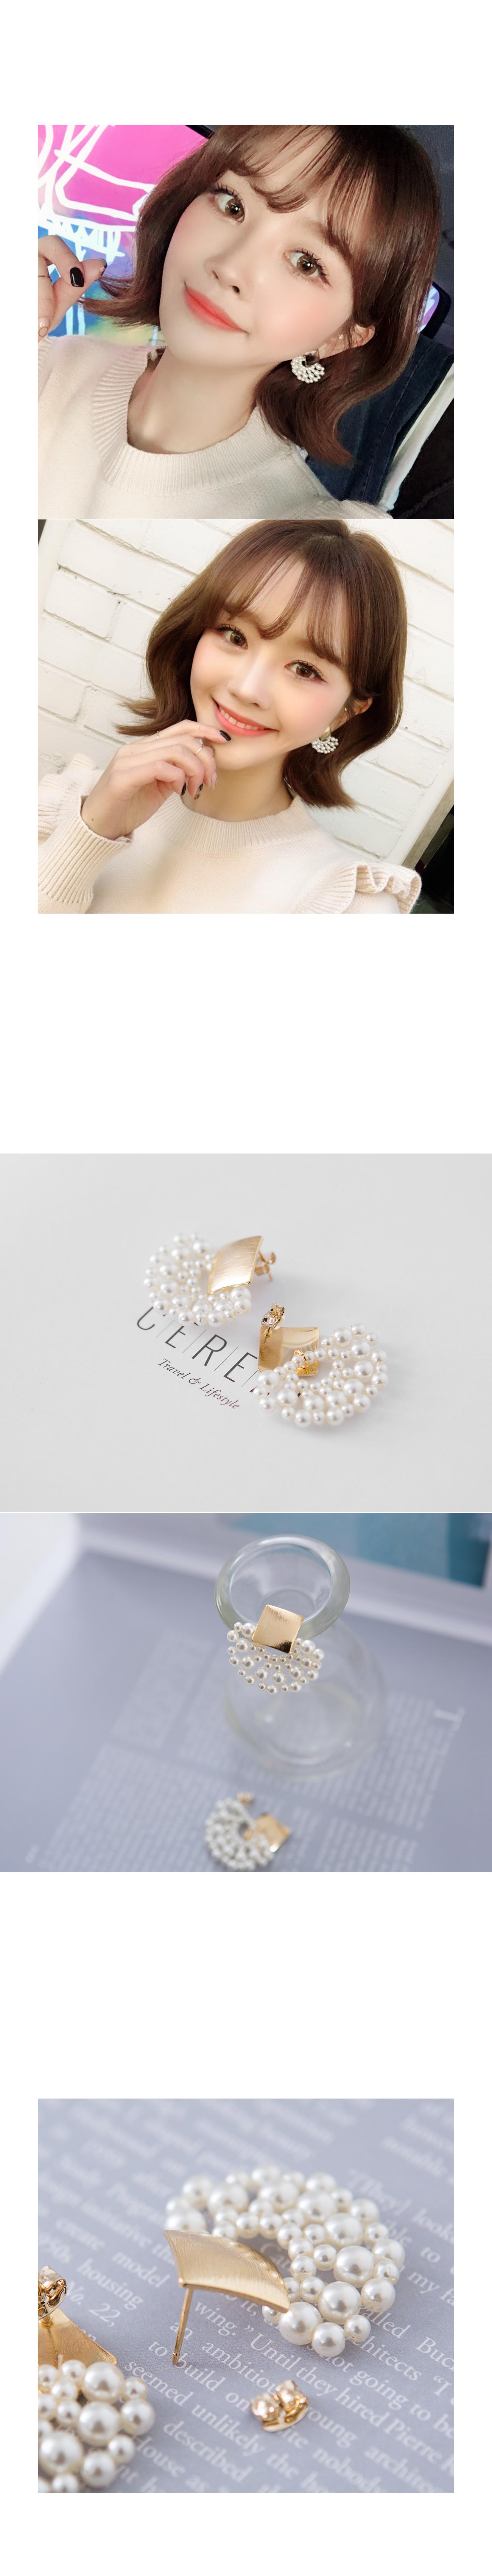 Fan-shaped pearl earrings #85017